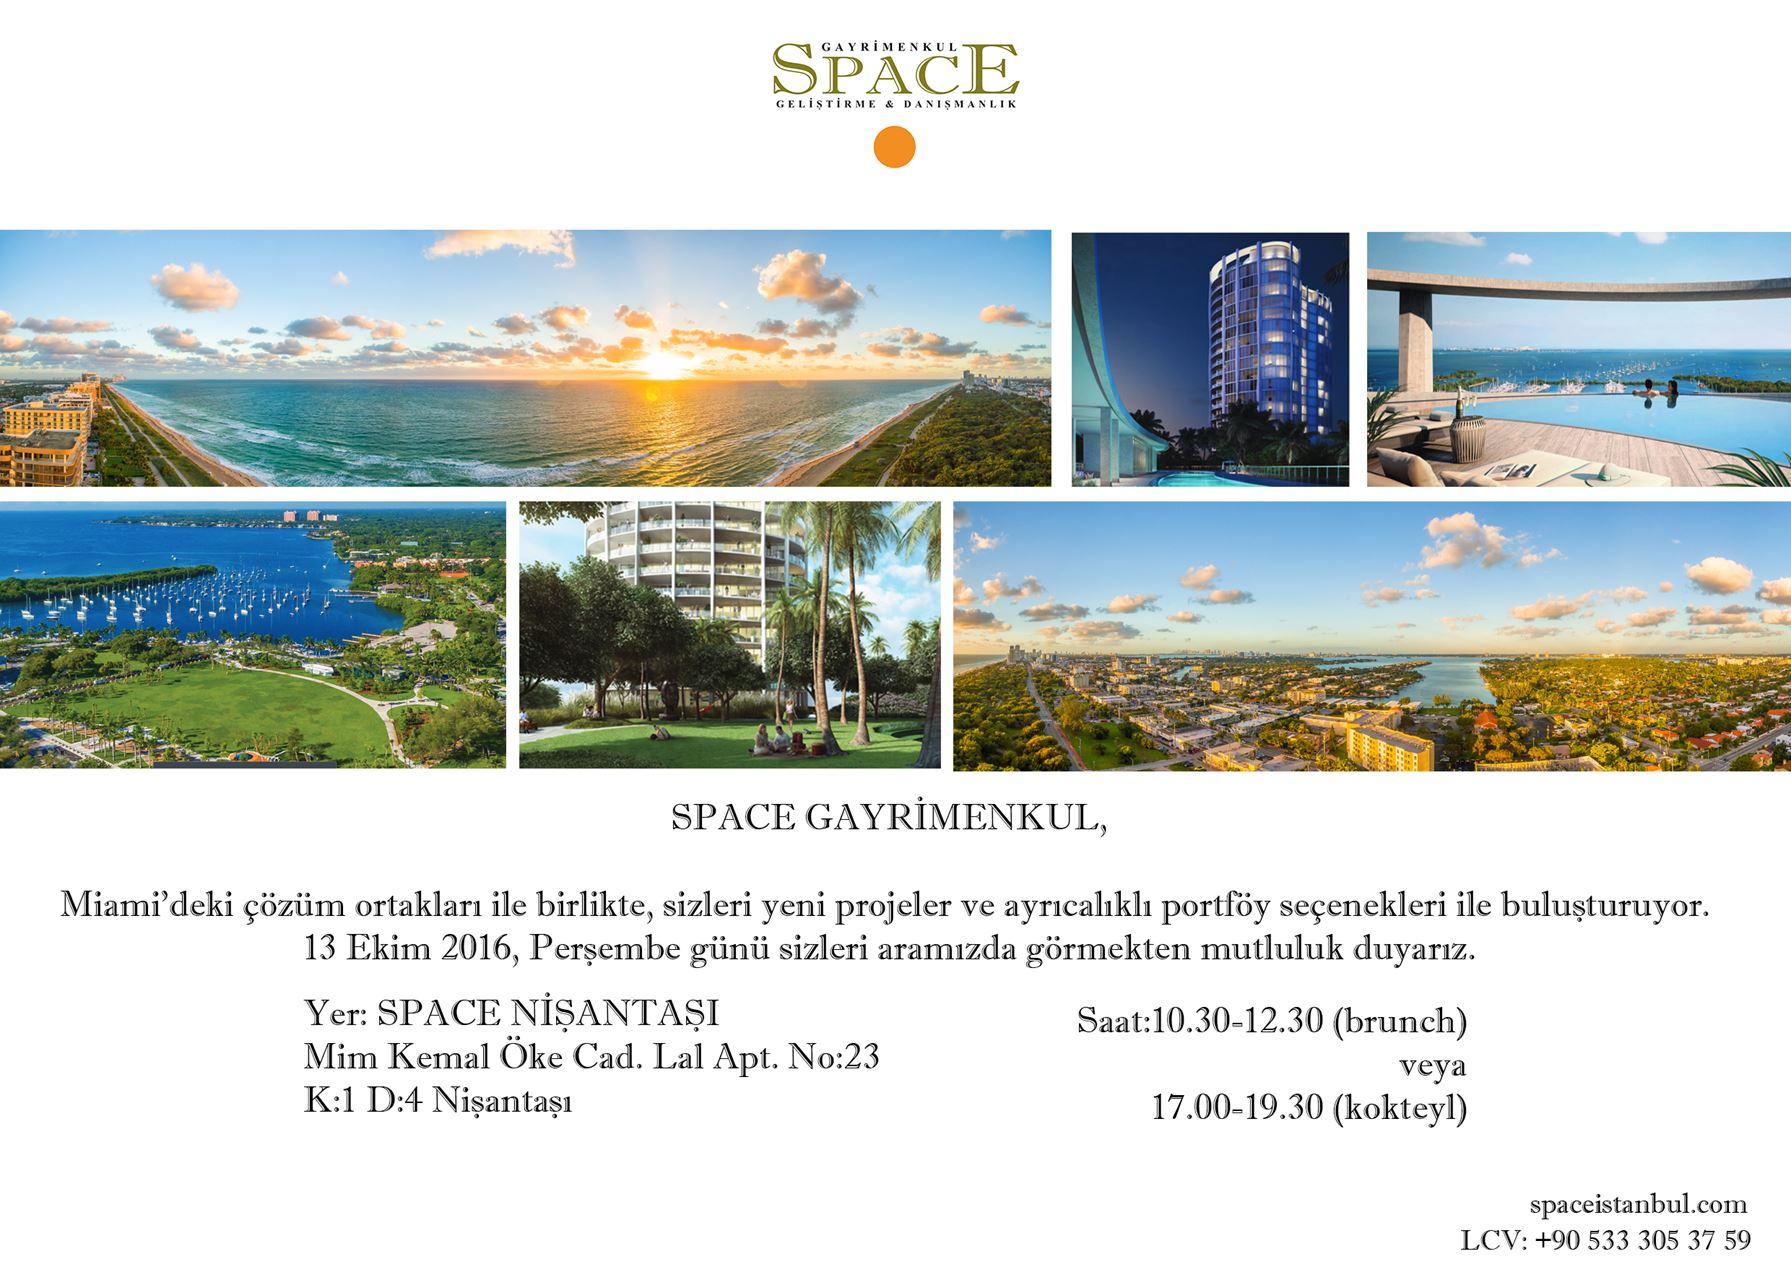 Space Gayrimenkul ve Miami'deki Çözüm Ortağı Vecchi Stoka Group Etkinliği